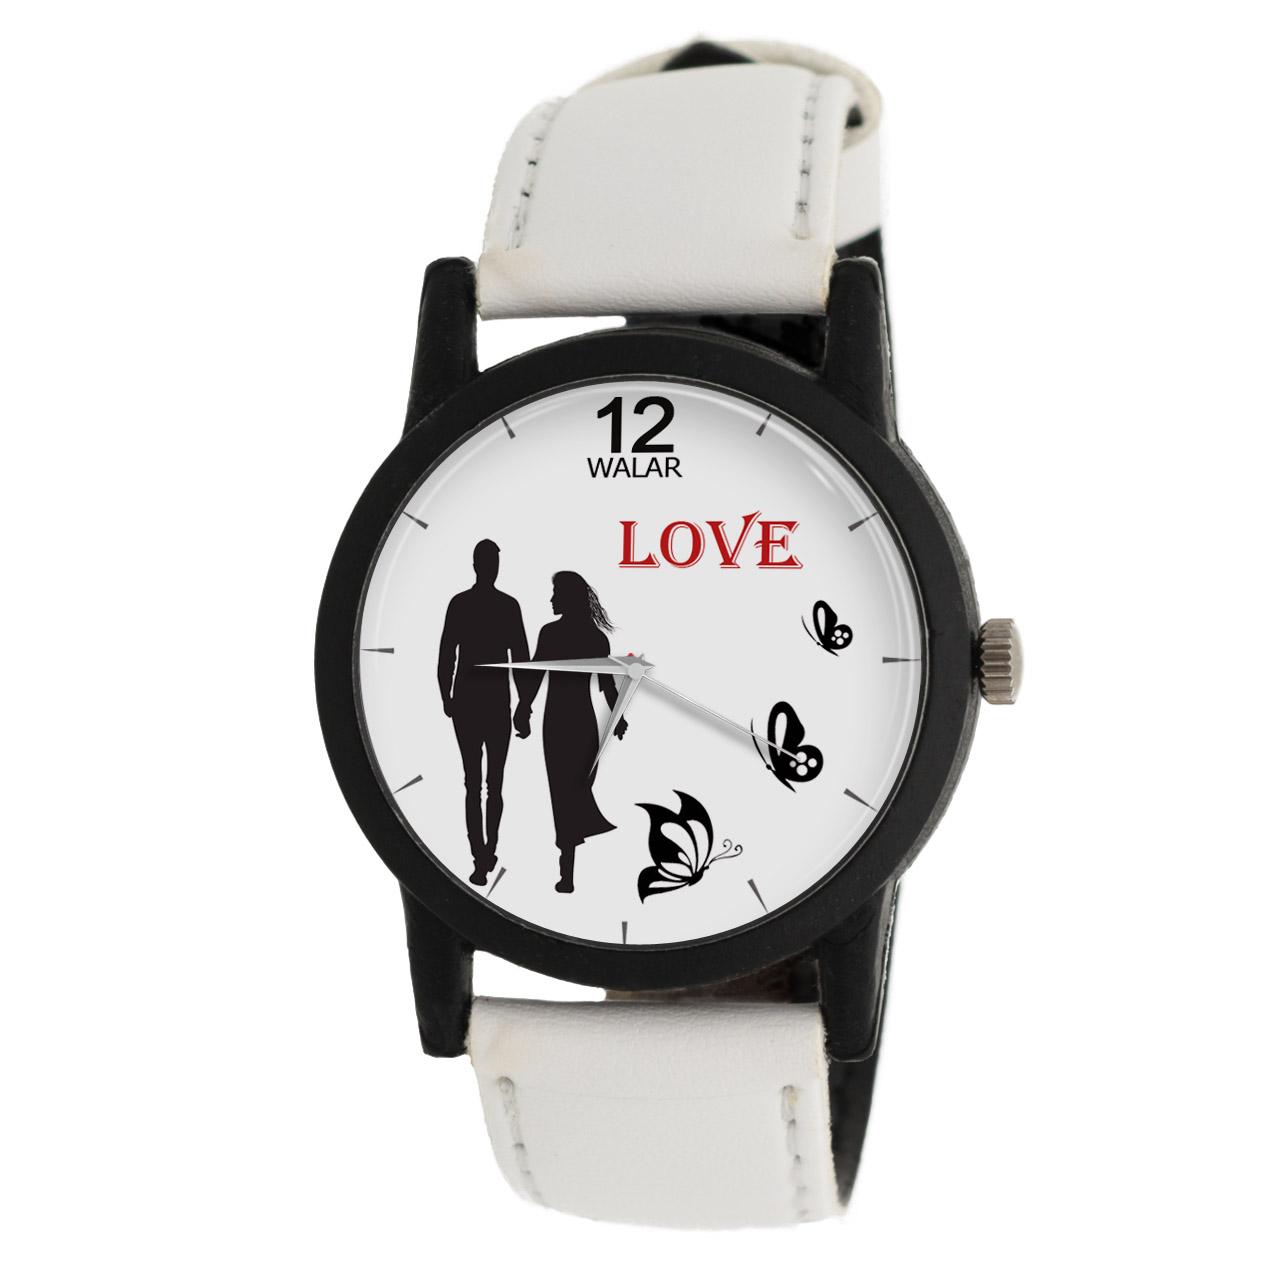 ساعت مچی عقربه ای زنانه والار طرح LOVE مدل LF1433